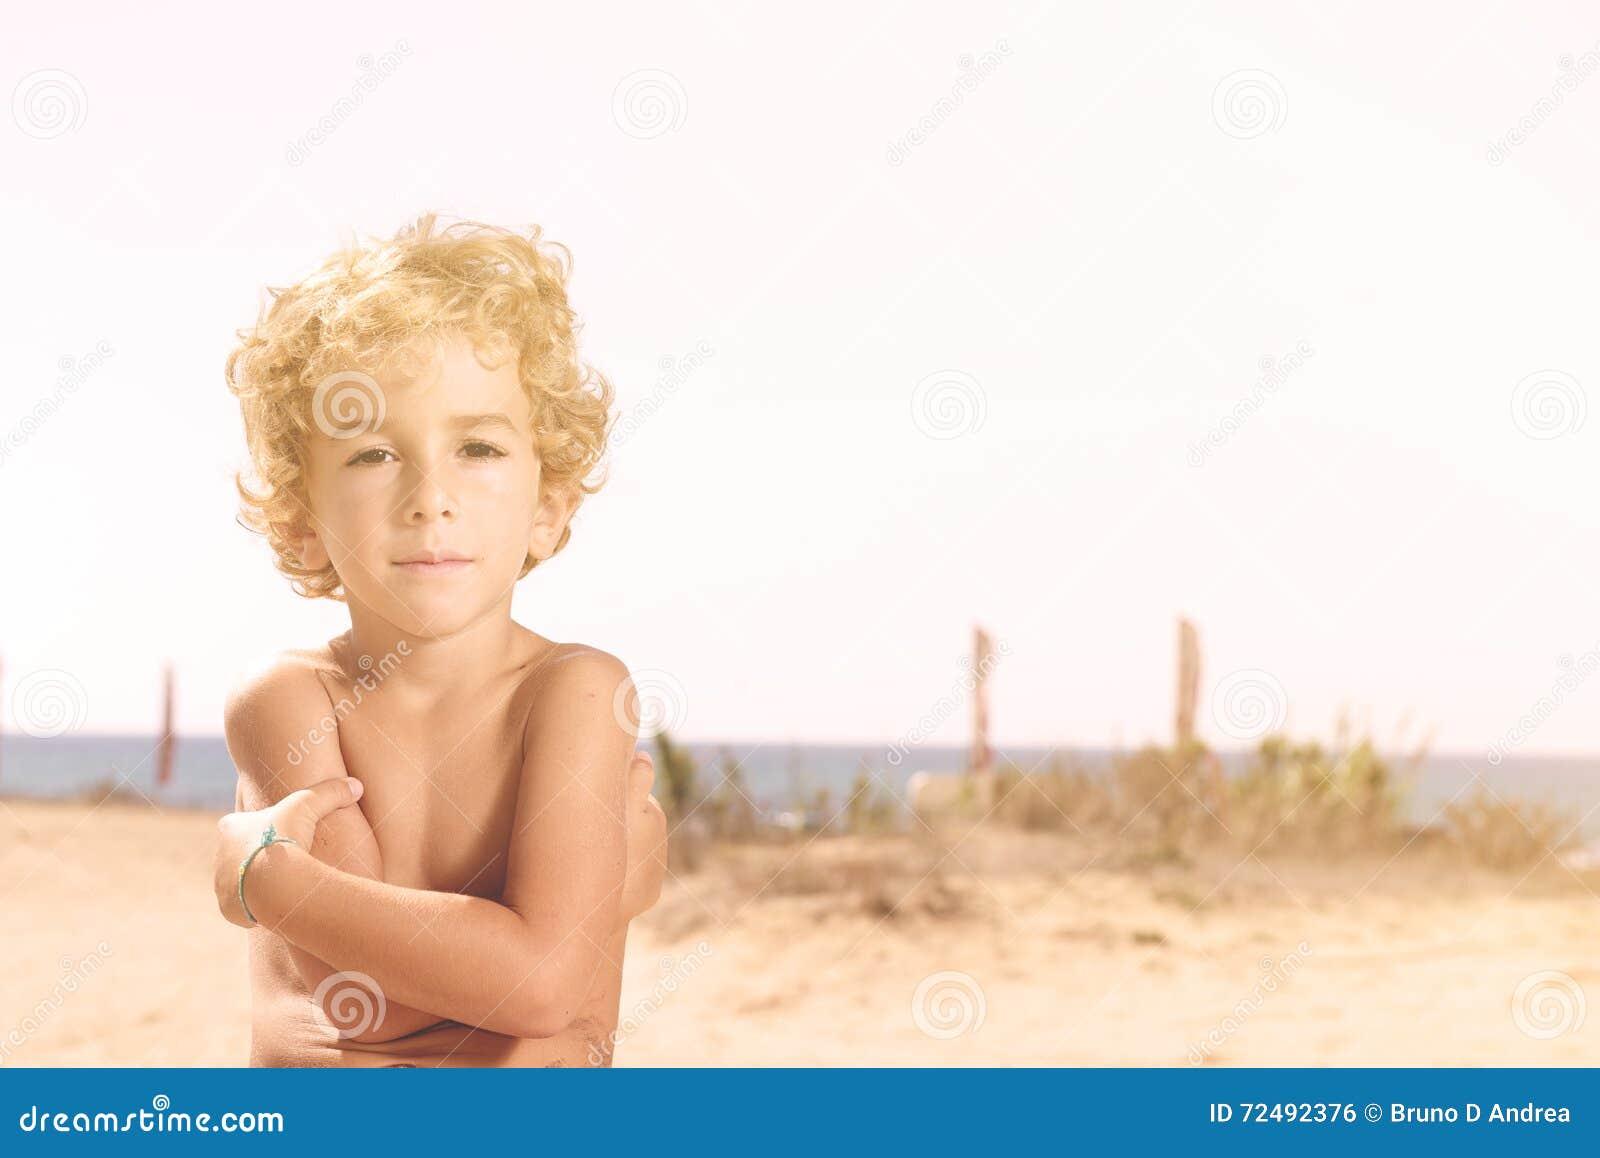 Praia ensolarada do ina considerável da câmera do lokkin do menino do preteen